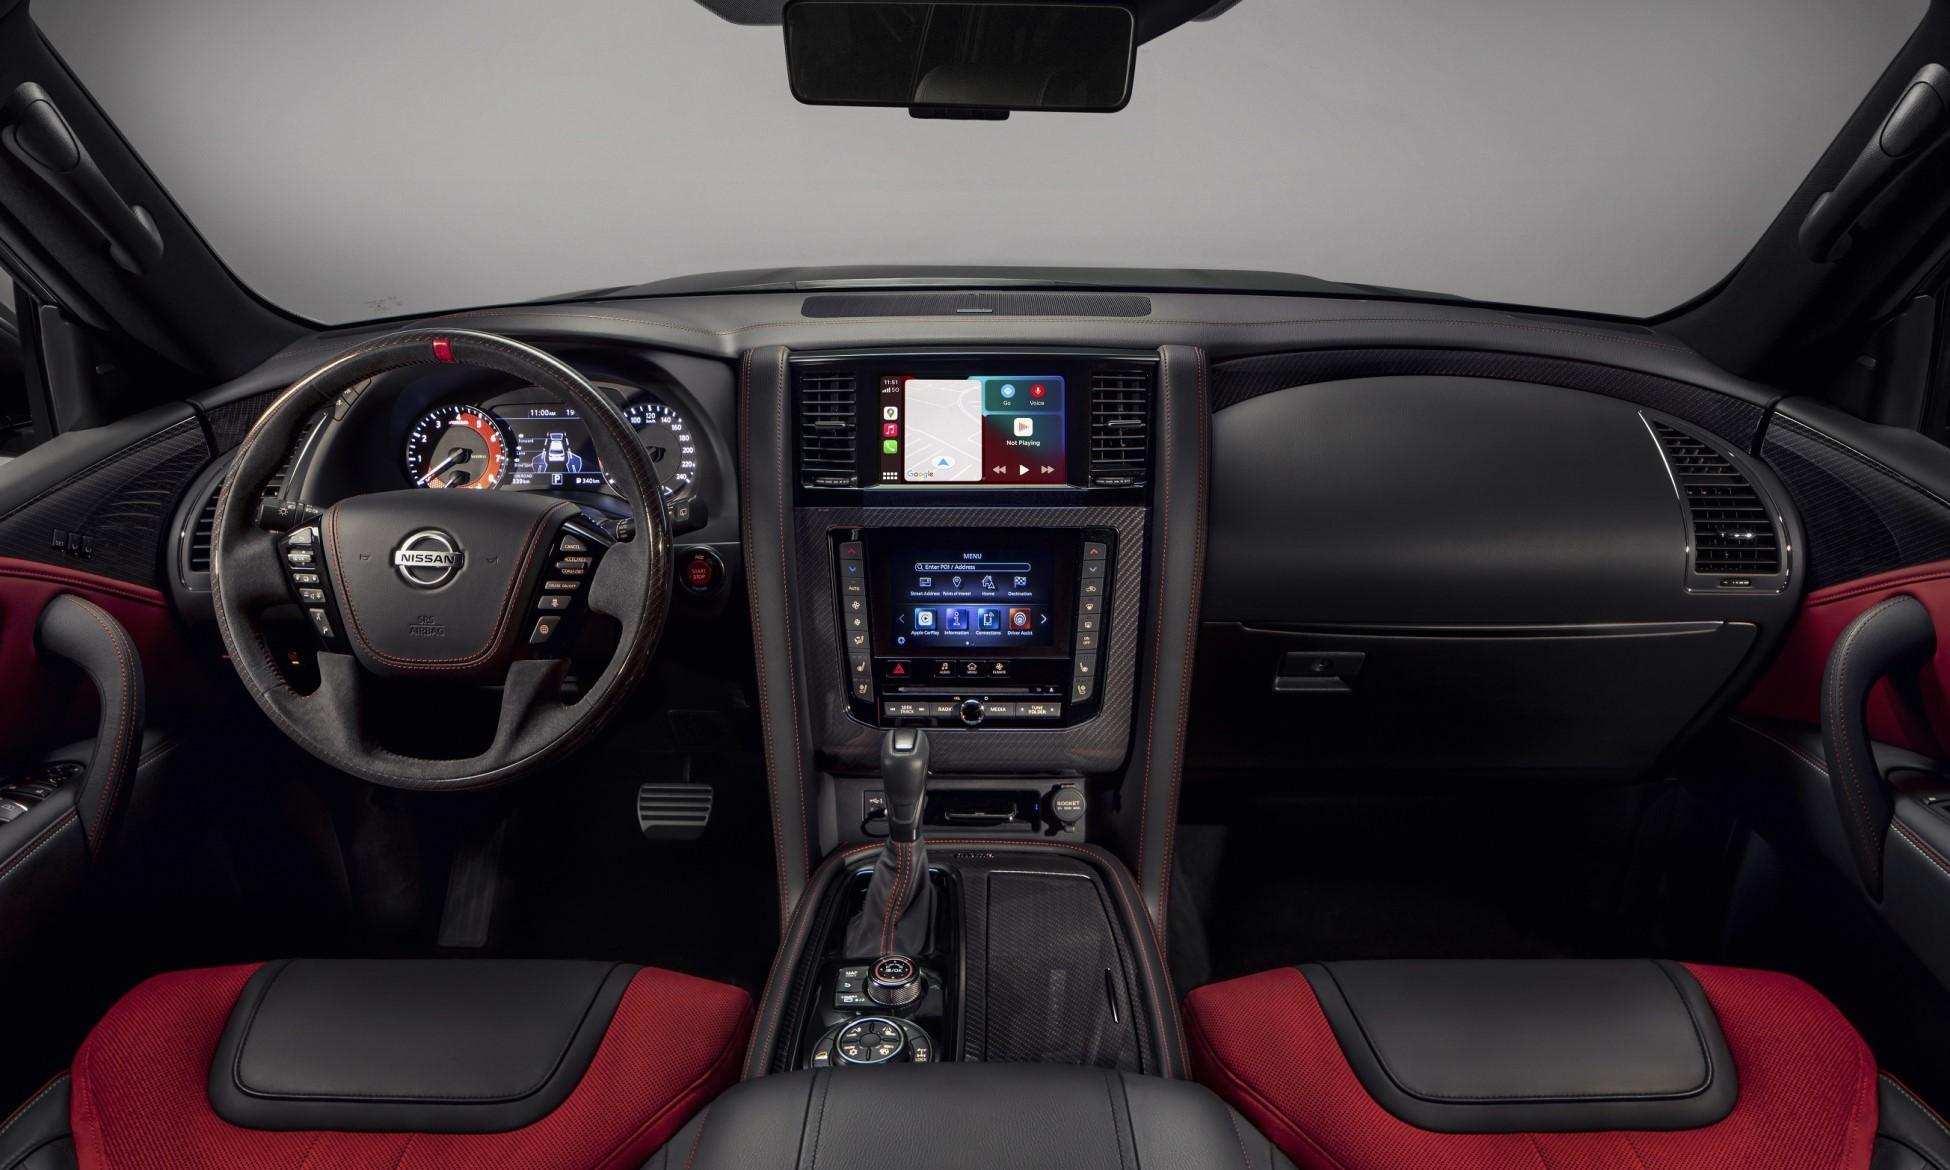 Nissan Patrol Nismo Edition interior